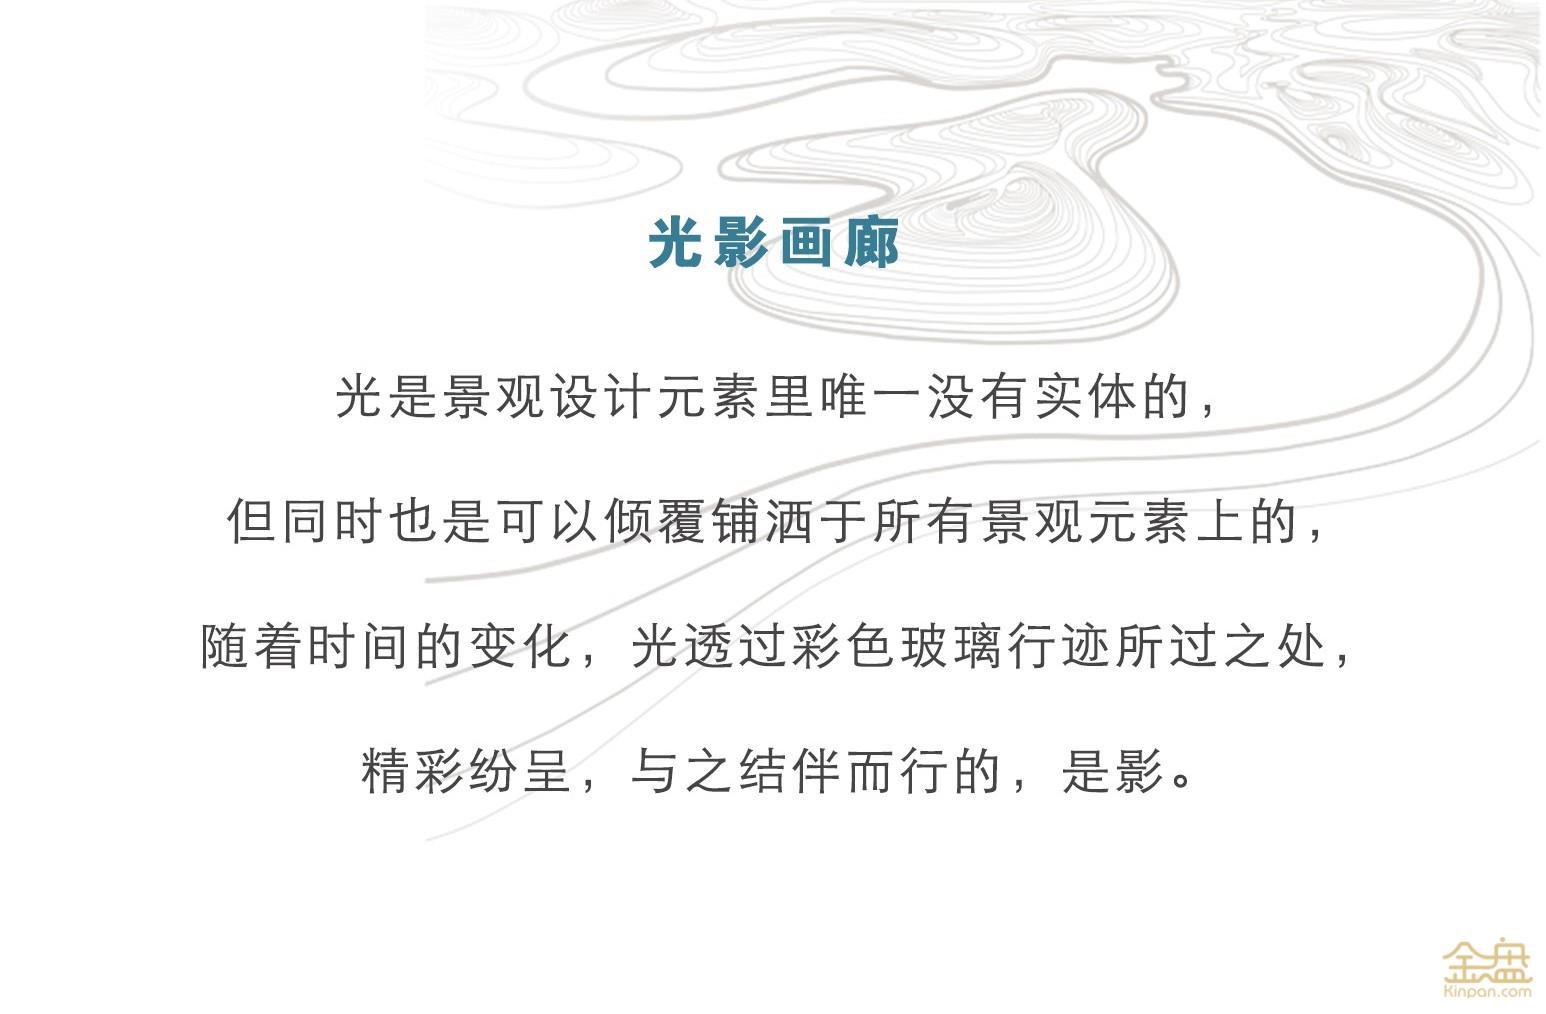 文字4.jpg